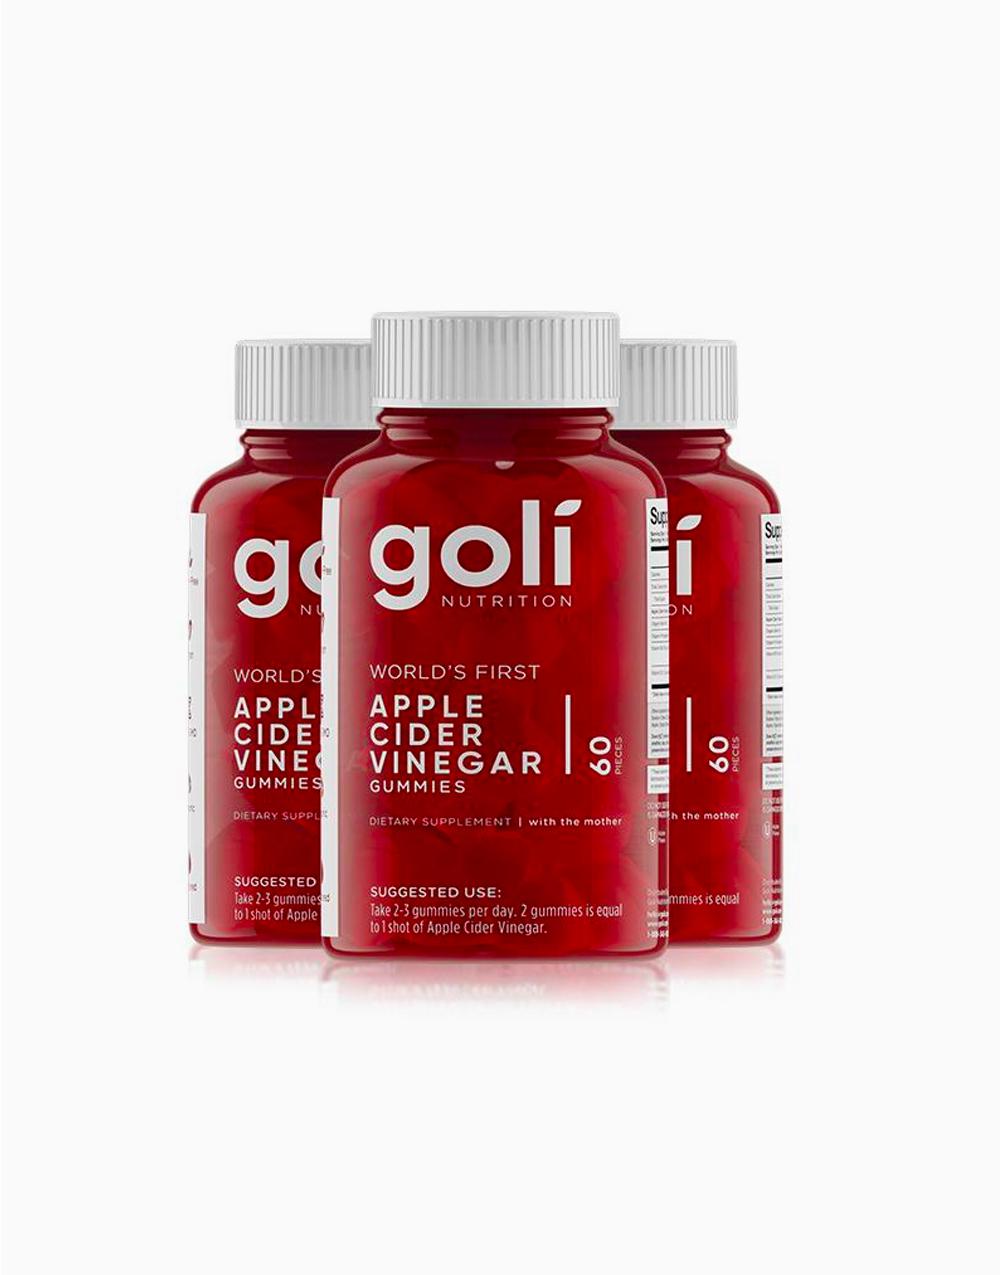 Apple Cider Vinegar Gummies (3 Month Supply) by Goli